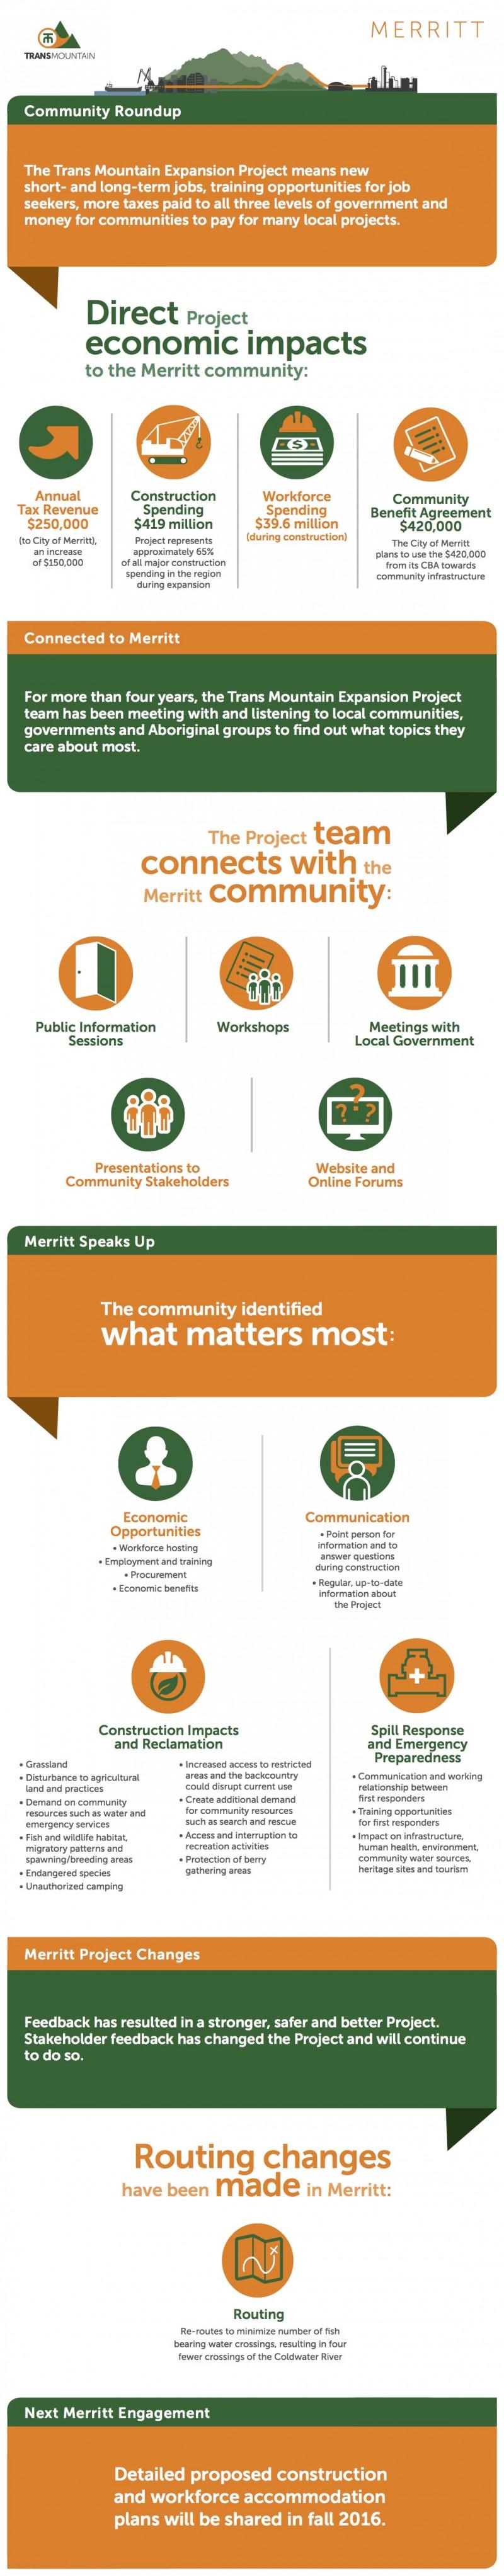 160526_Merritt Community Infographic - web v6 (1)